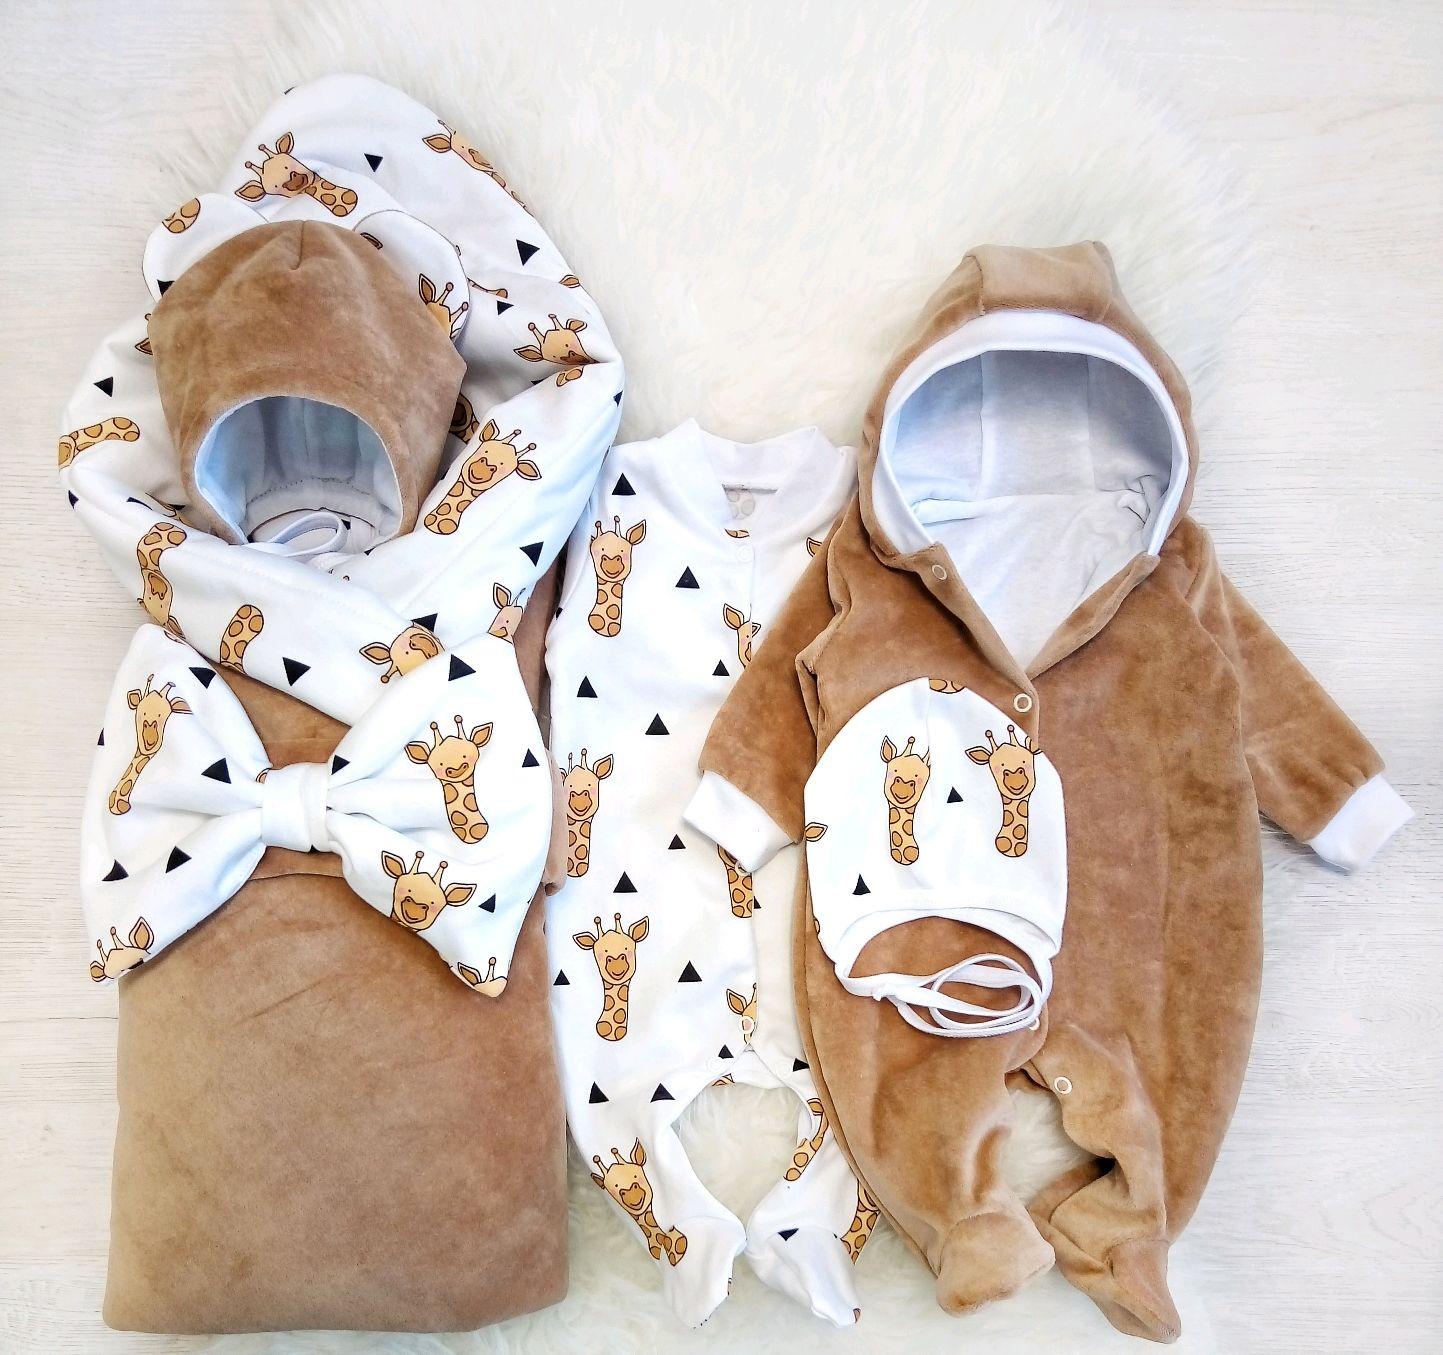 Комплект на выписку Жирафы на песке, Комплект для выписки, Екатеринбург,  Фото №1